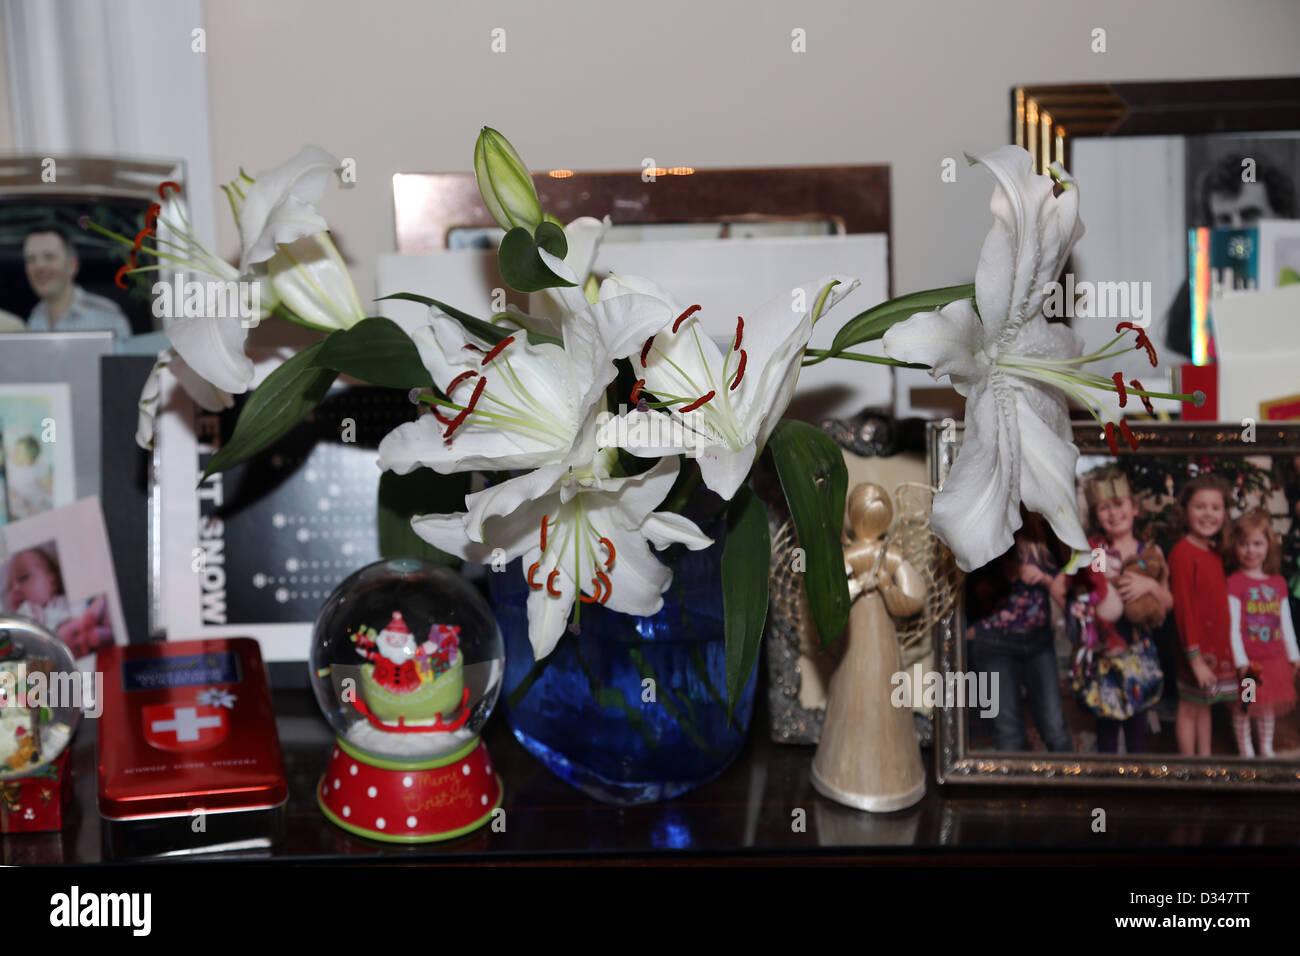 Lilien In einer Vase von Fotografien und Ornamente Stockbild